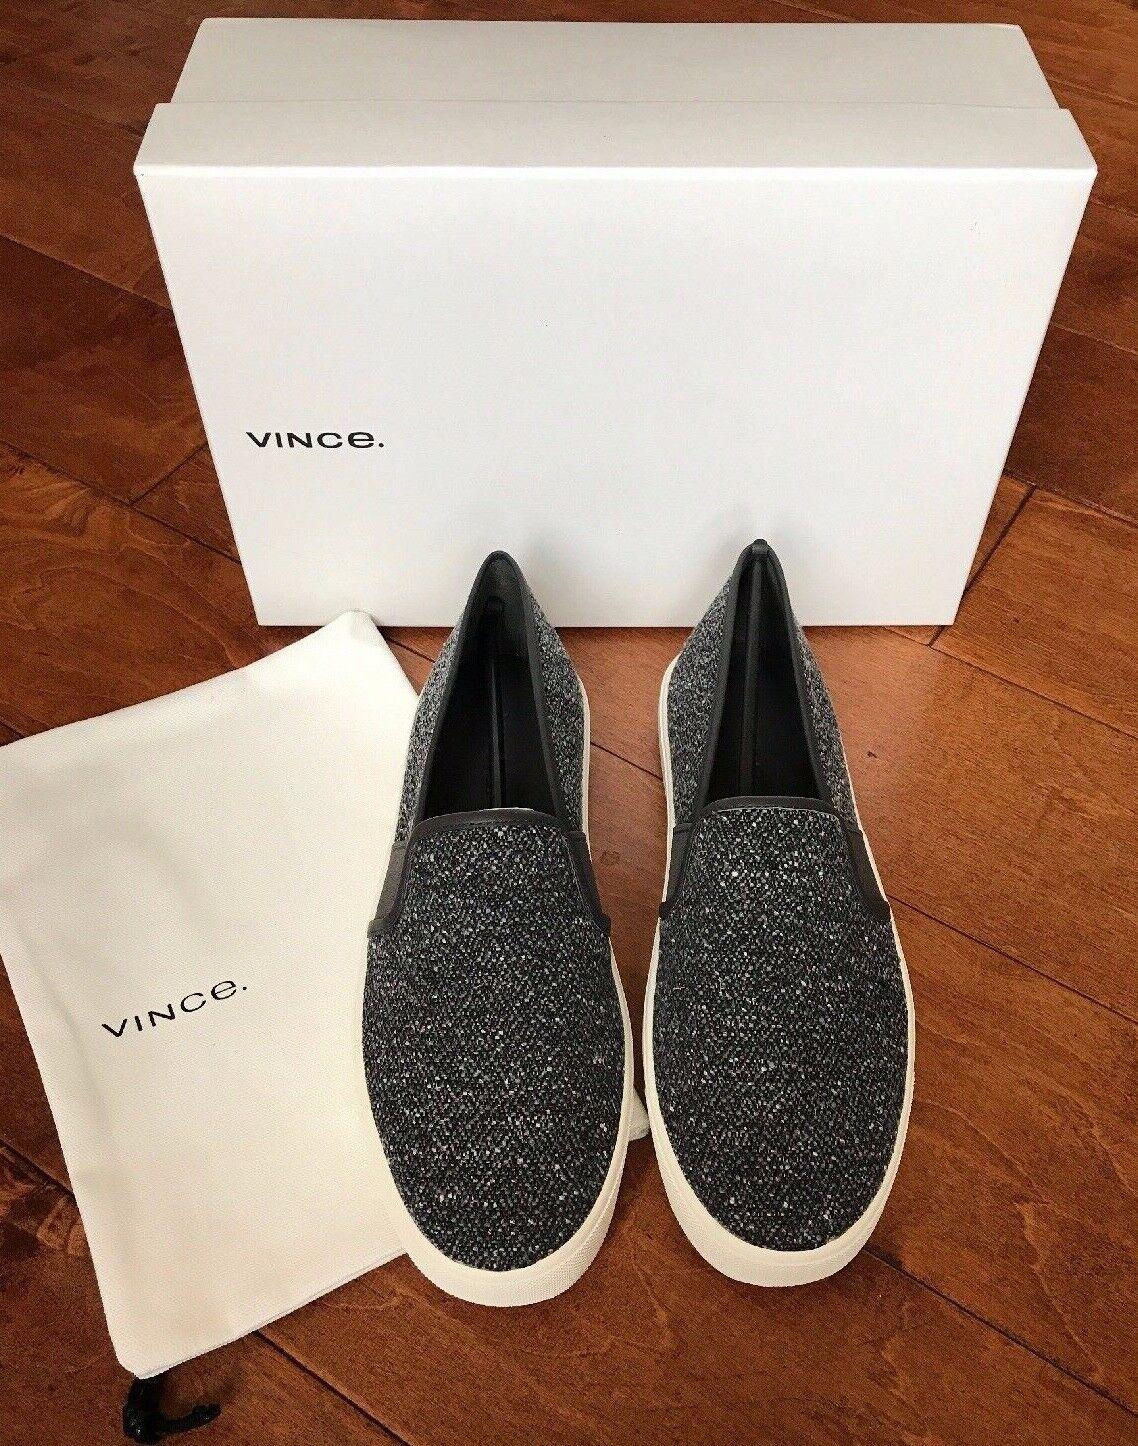 Vince Women's Blair Tweed Slip-On Sneakers shoes Size 7 Grey NIB  195